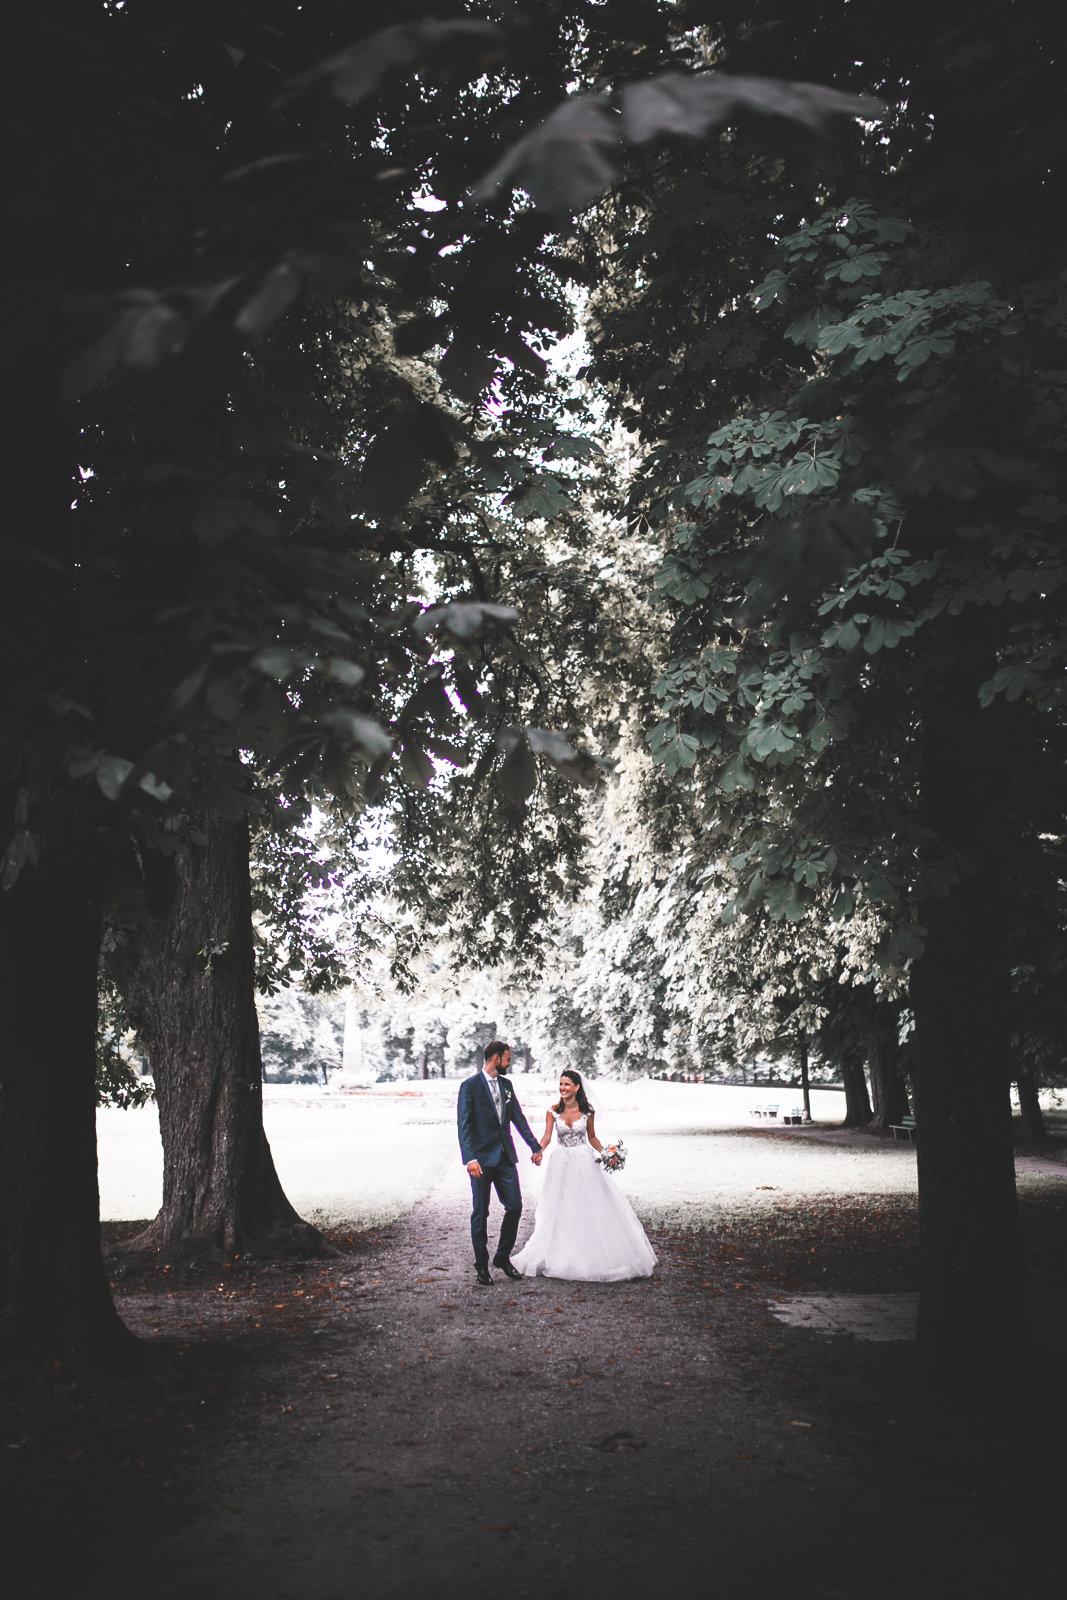 HOCHZEIT - After Wedding